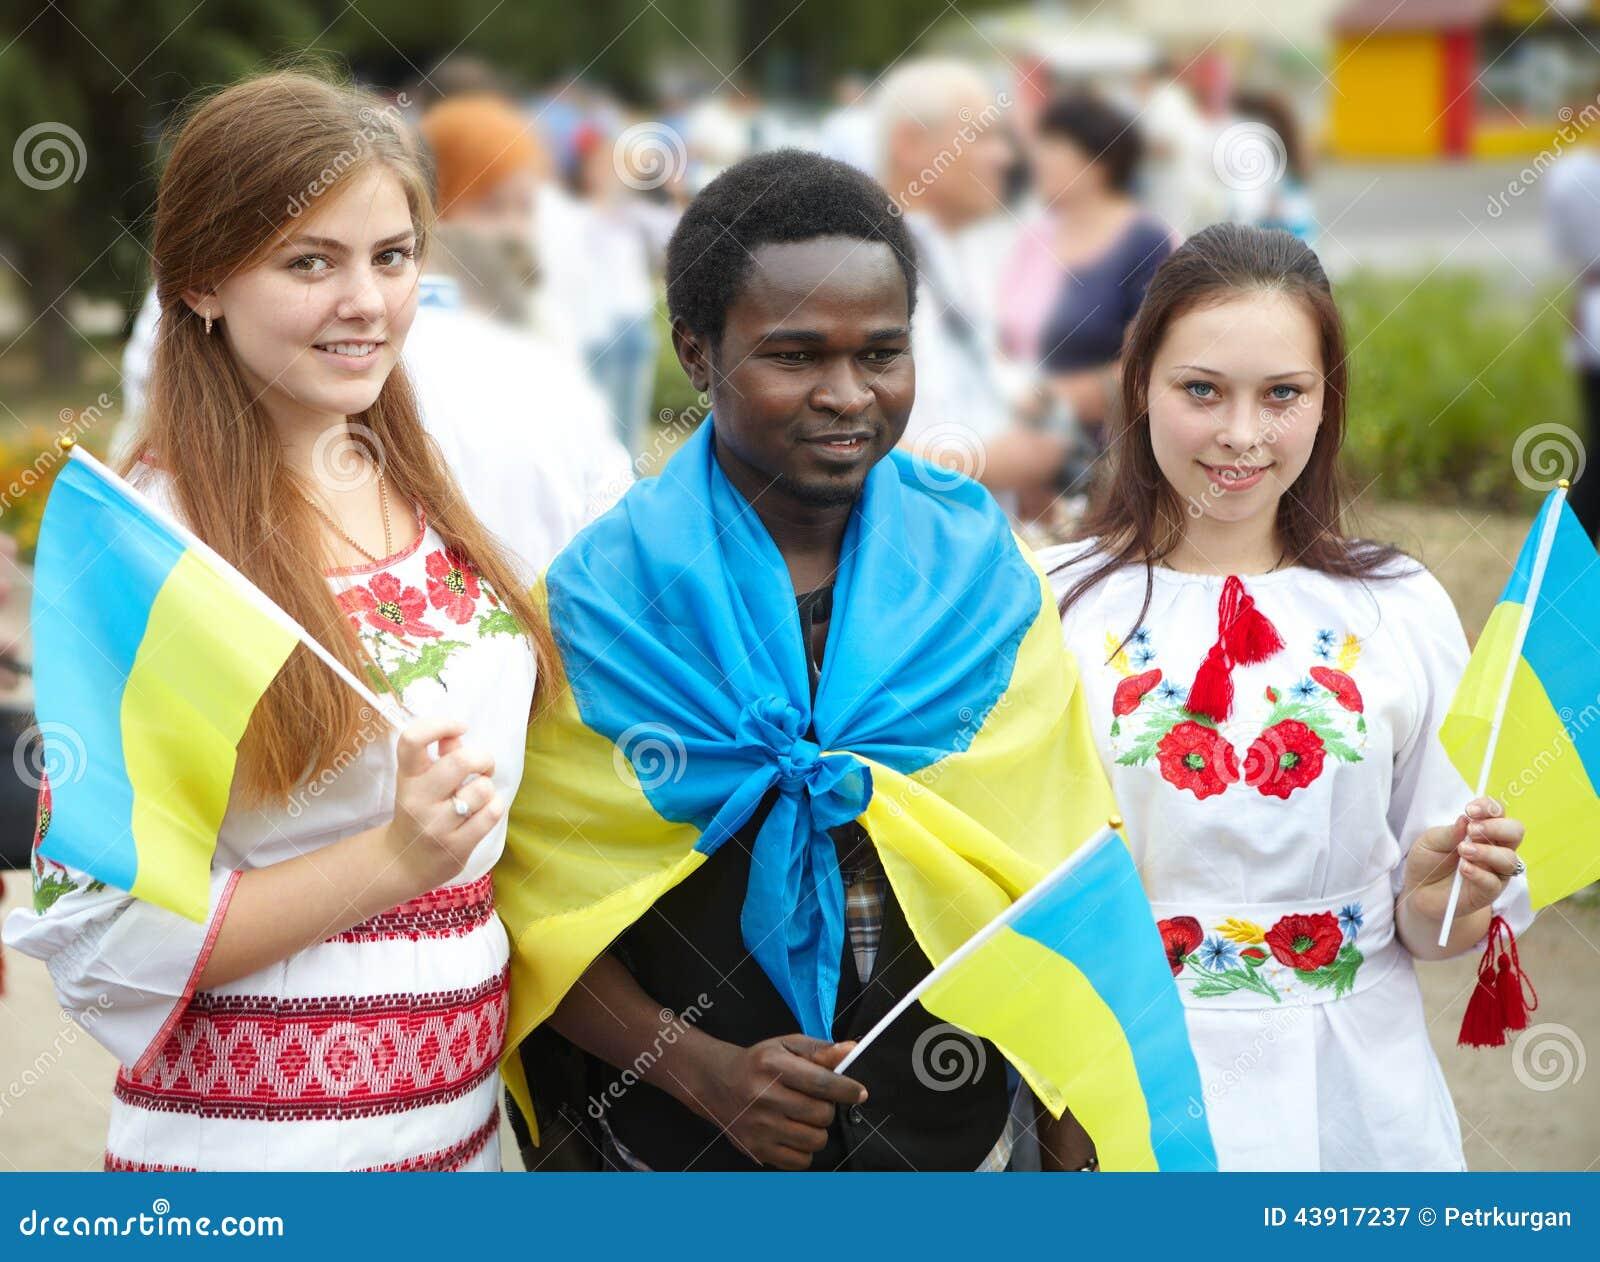 white nationalist girls